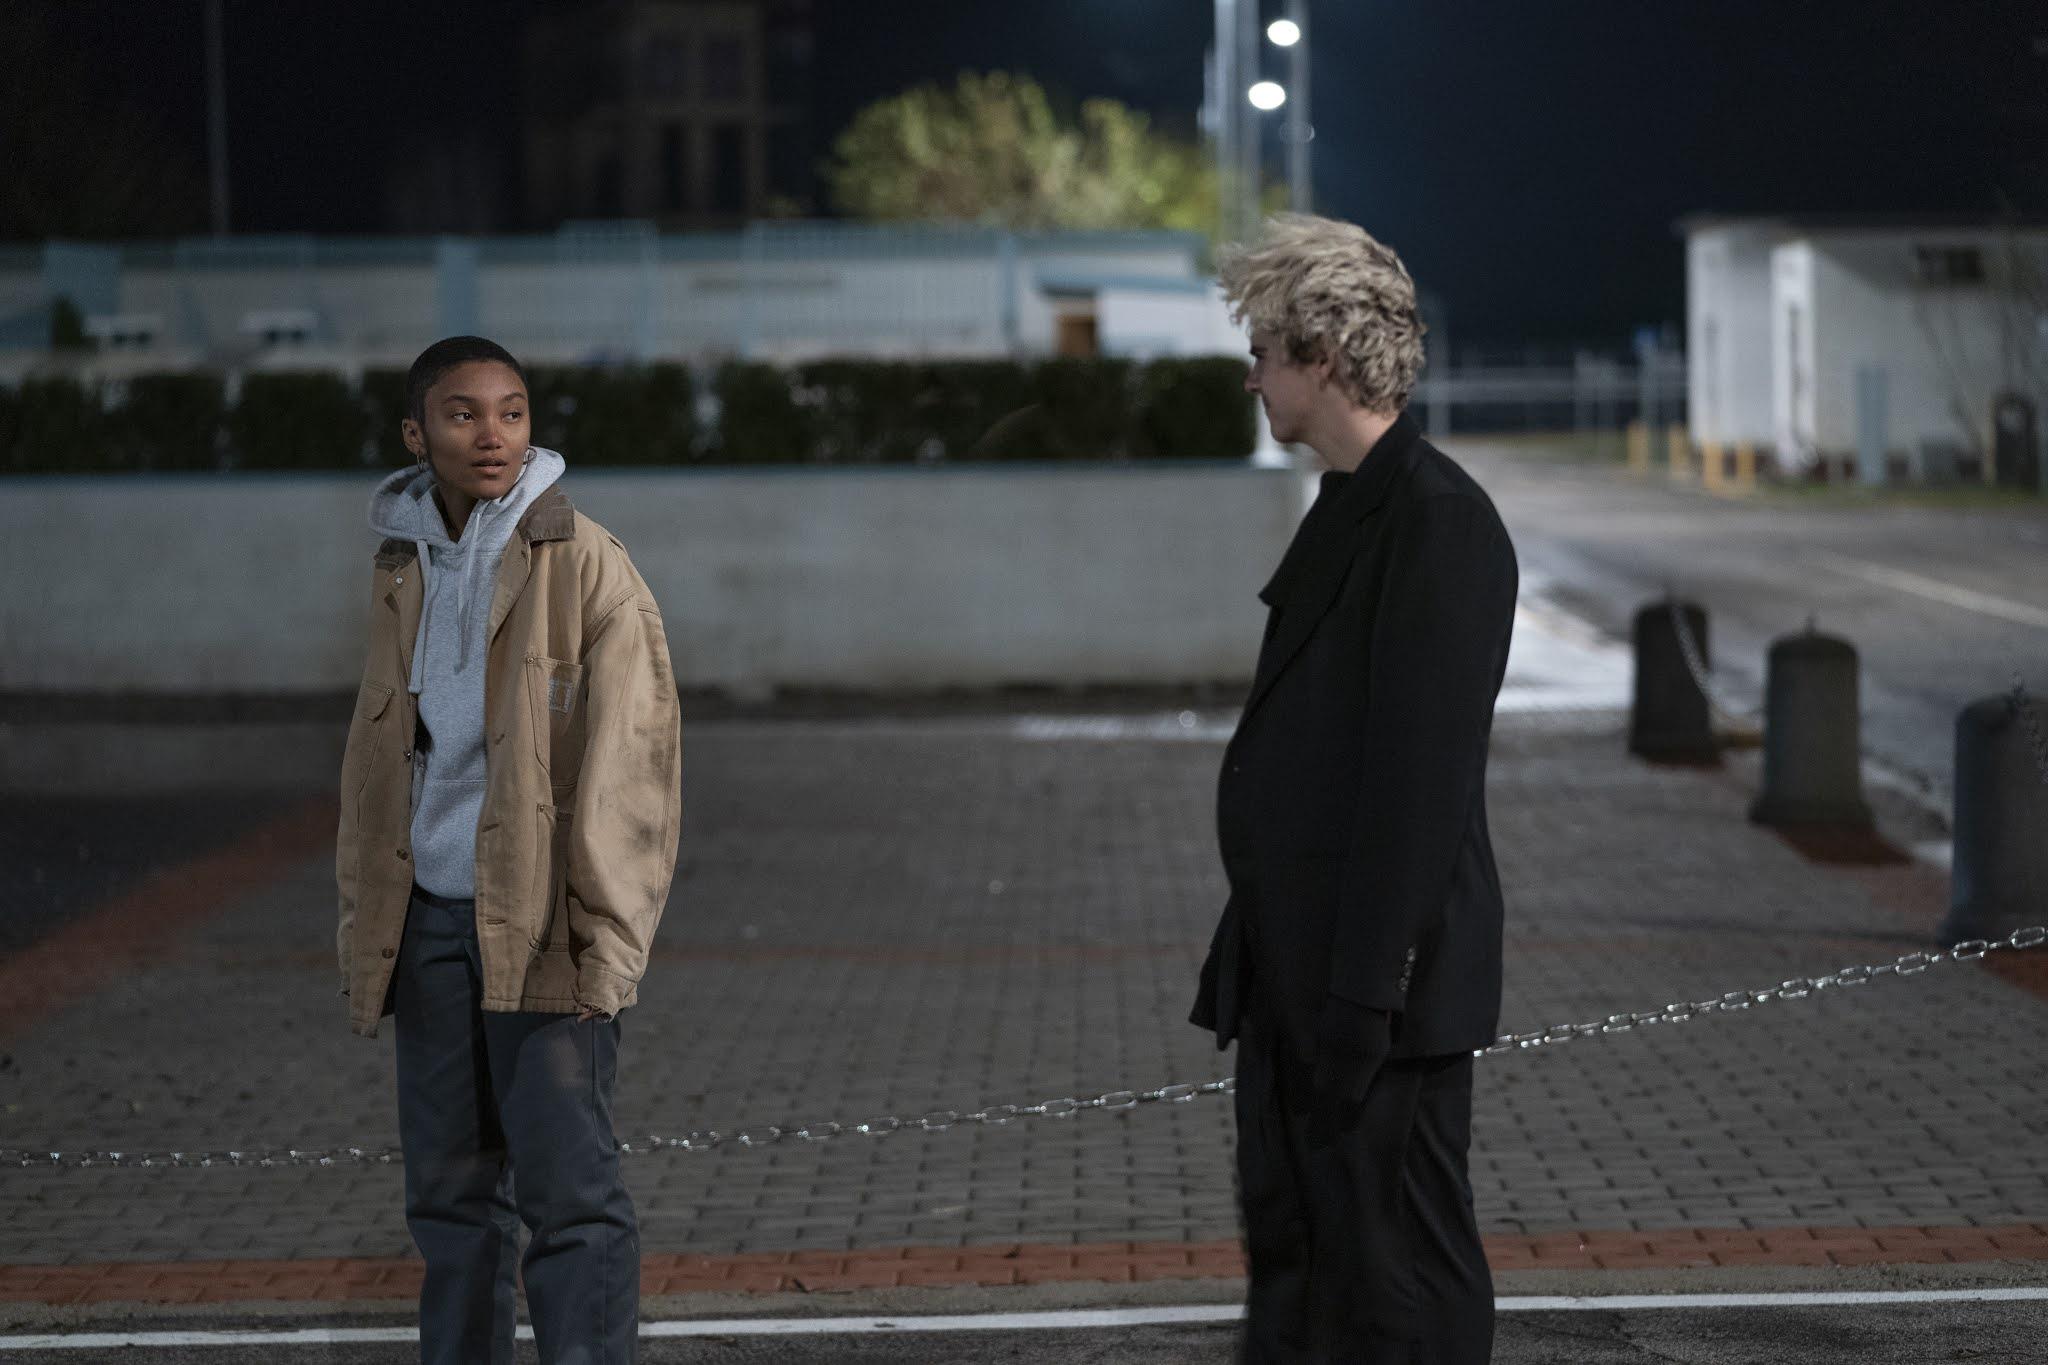 Na foto vemos dois jovens numa rua da Itália. Caitlin é uma menina negra, de 14 anos e cabelos raspados. Ela usa uma calça jeans escura e larga, um moletom cinza e uma jaqueta bege por cima. Fraser é um menino branco de 14 anos, ele tem o cabelo descolorido loiro e usa só roupas pretas. Eles se olham, e estão alguns passos distantes.